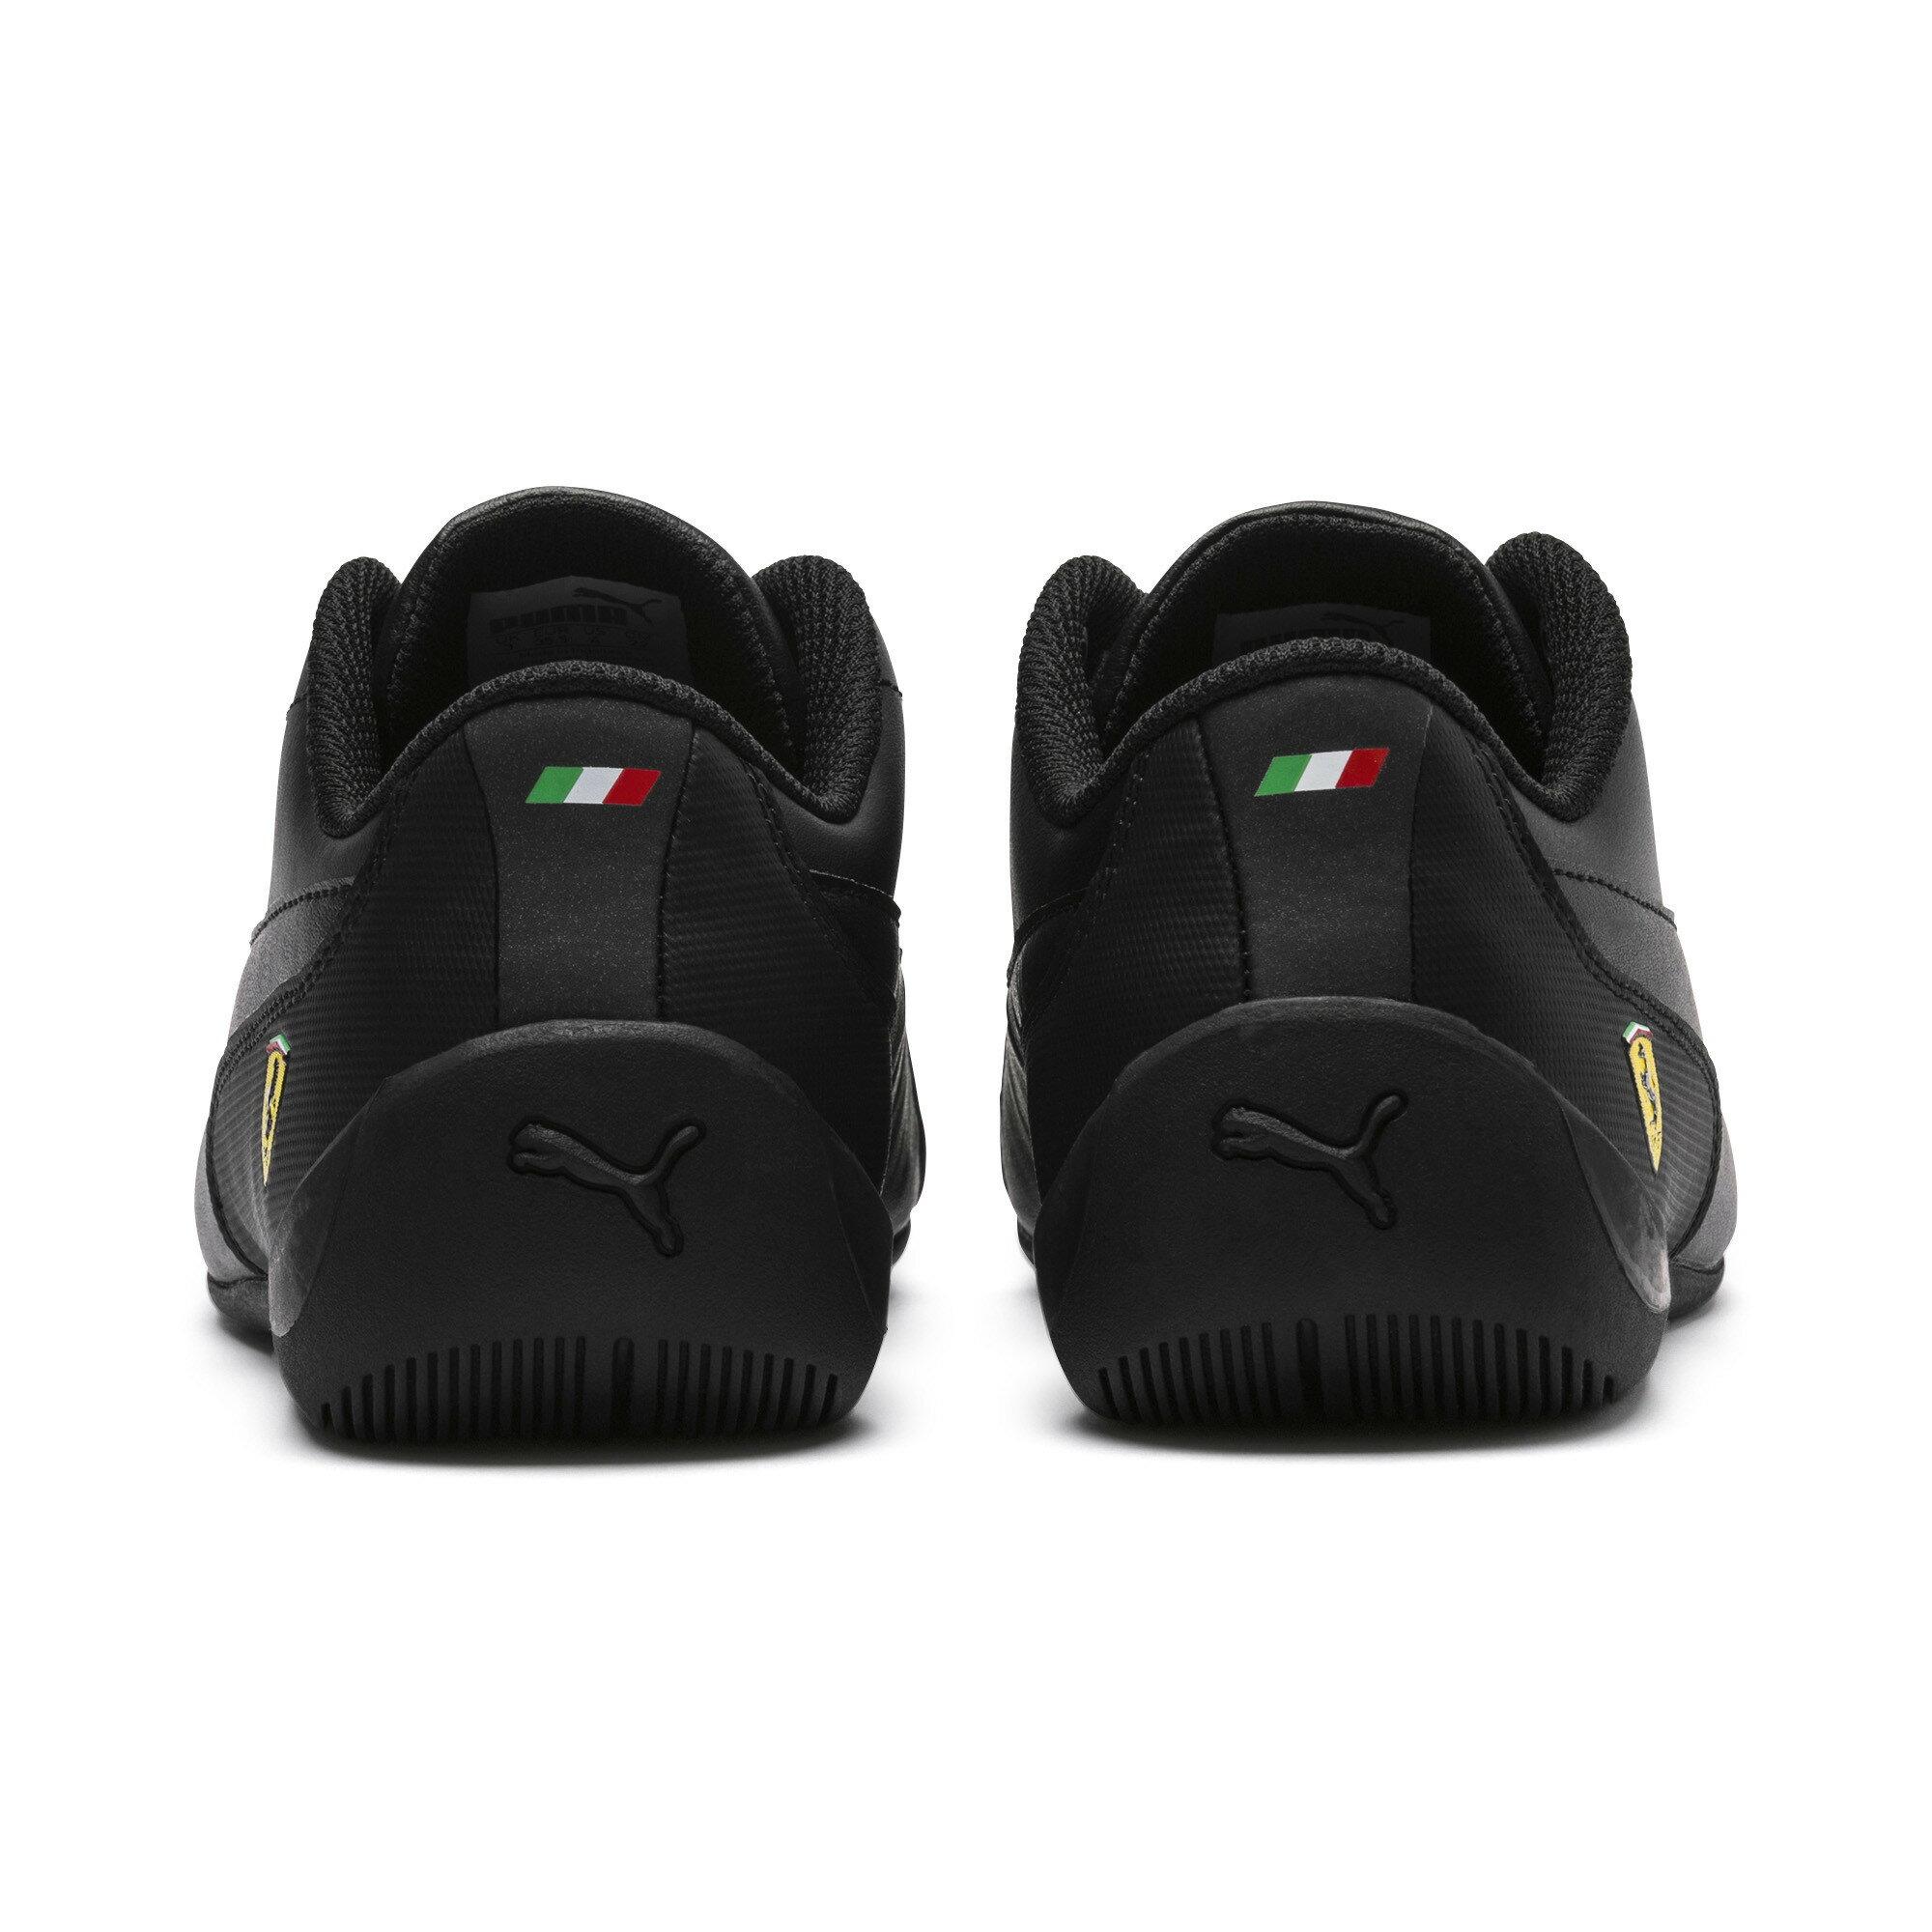 2438e49a9c1684 Official Puma Store  PUMA Ferrari Drift Cat 7 Kids  Sneakers ...